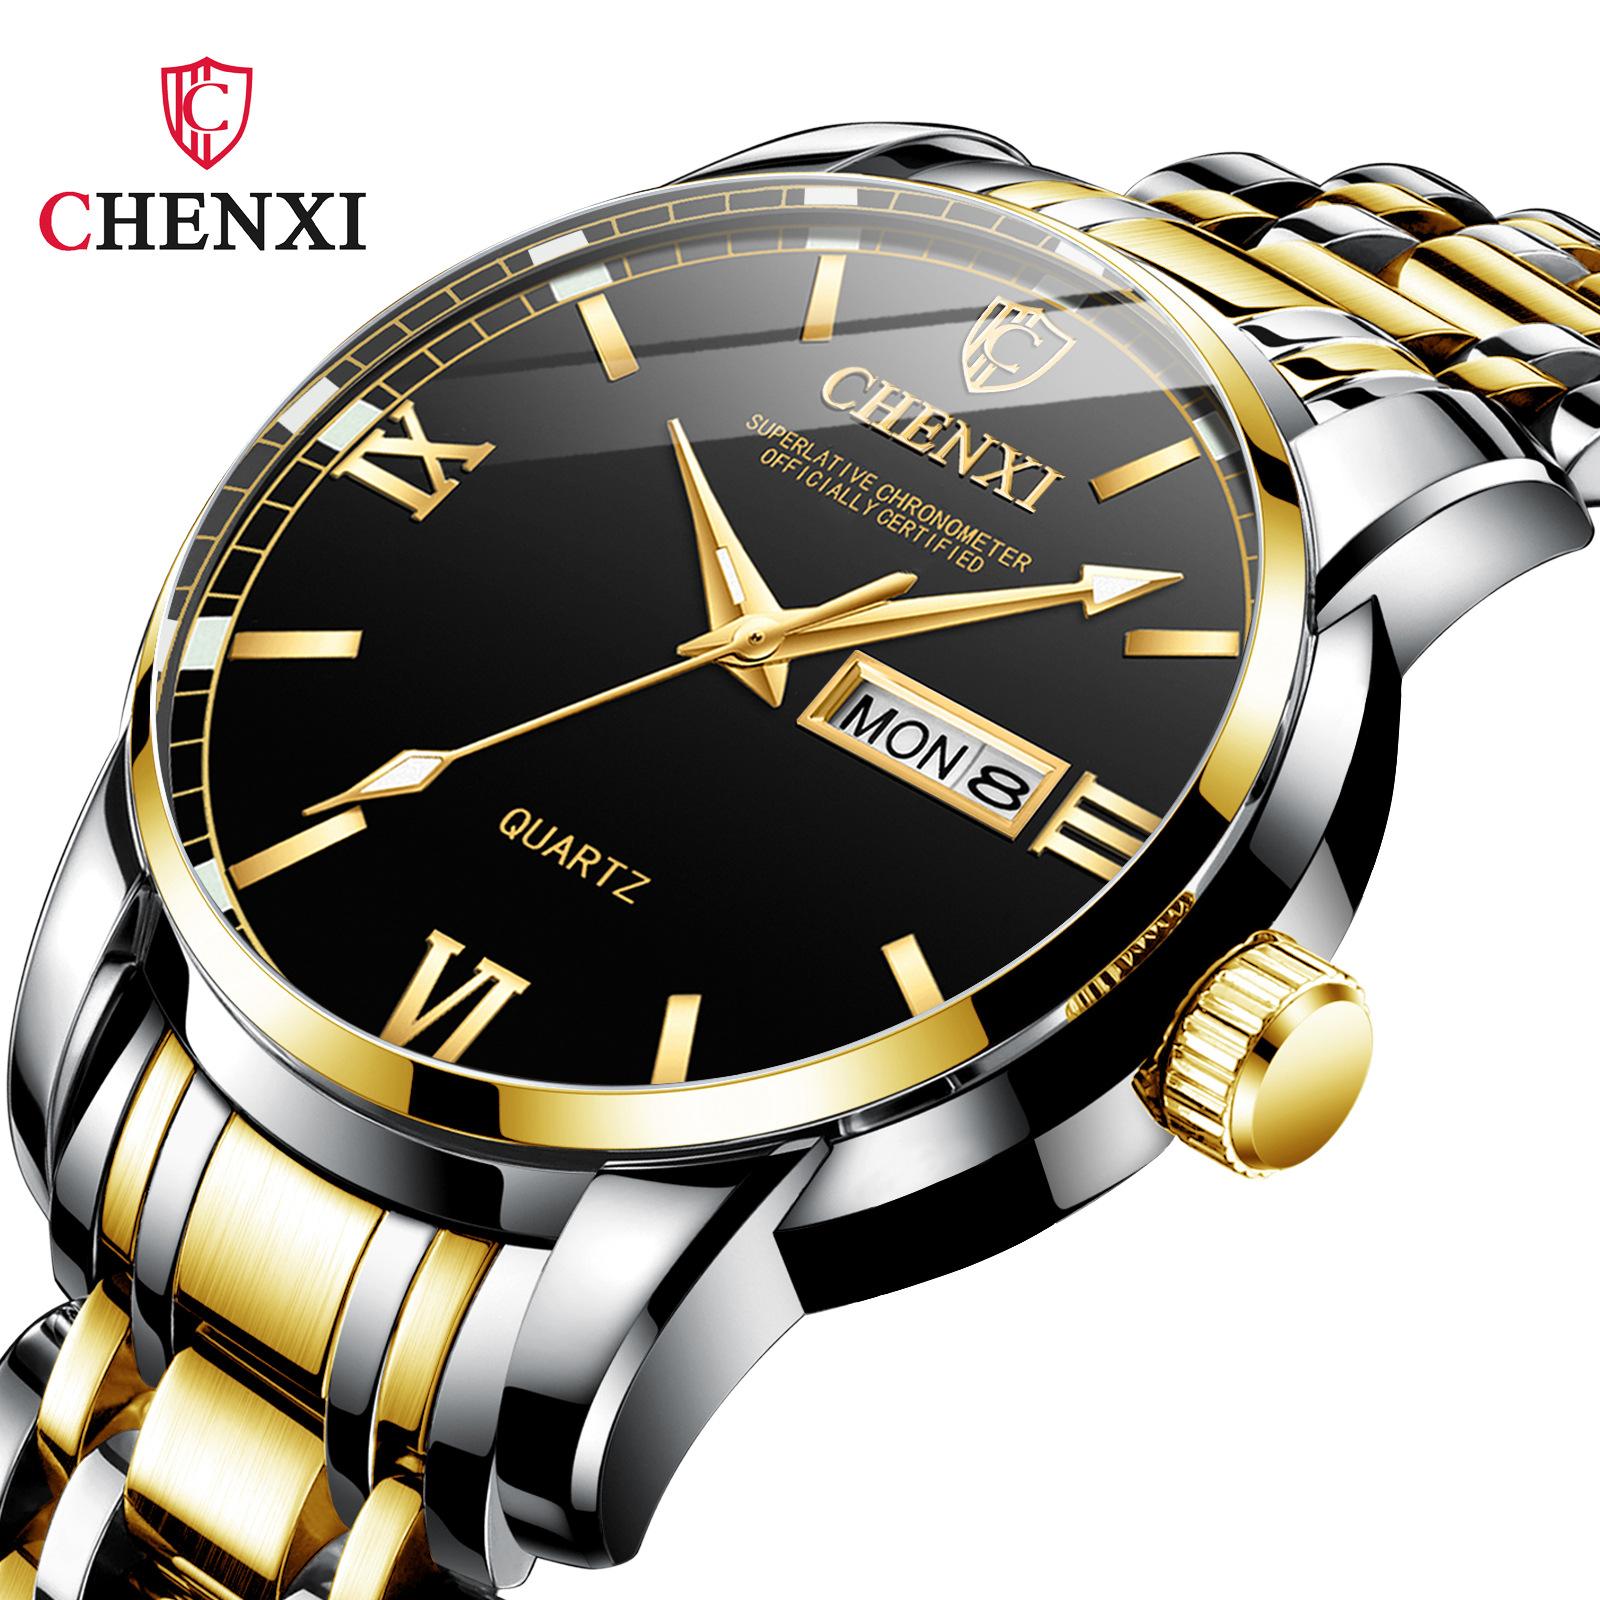 晨曦品质双日历夜光防水钢带正品牌男男士流行商务手表国产腕表